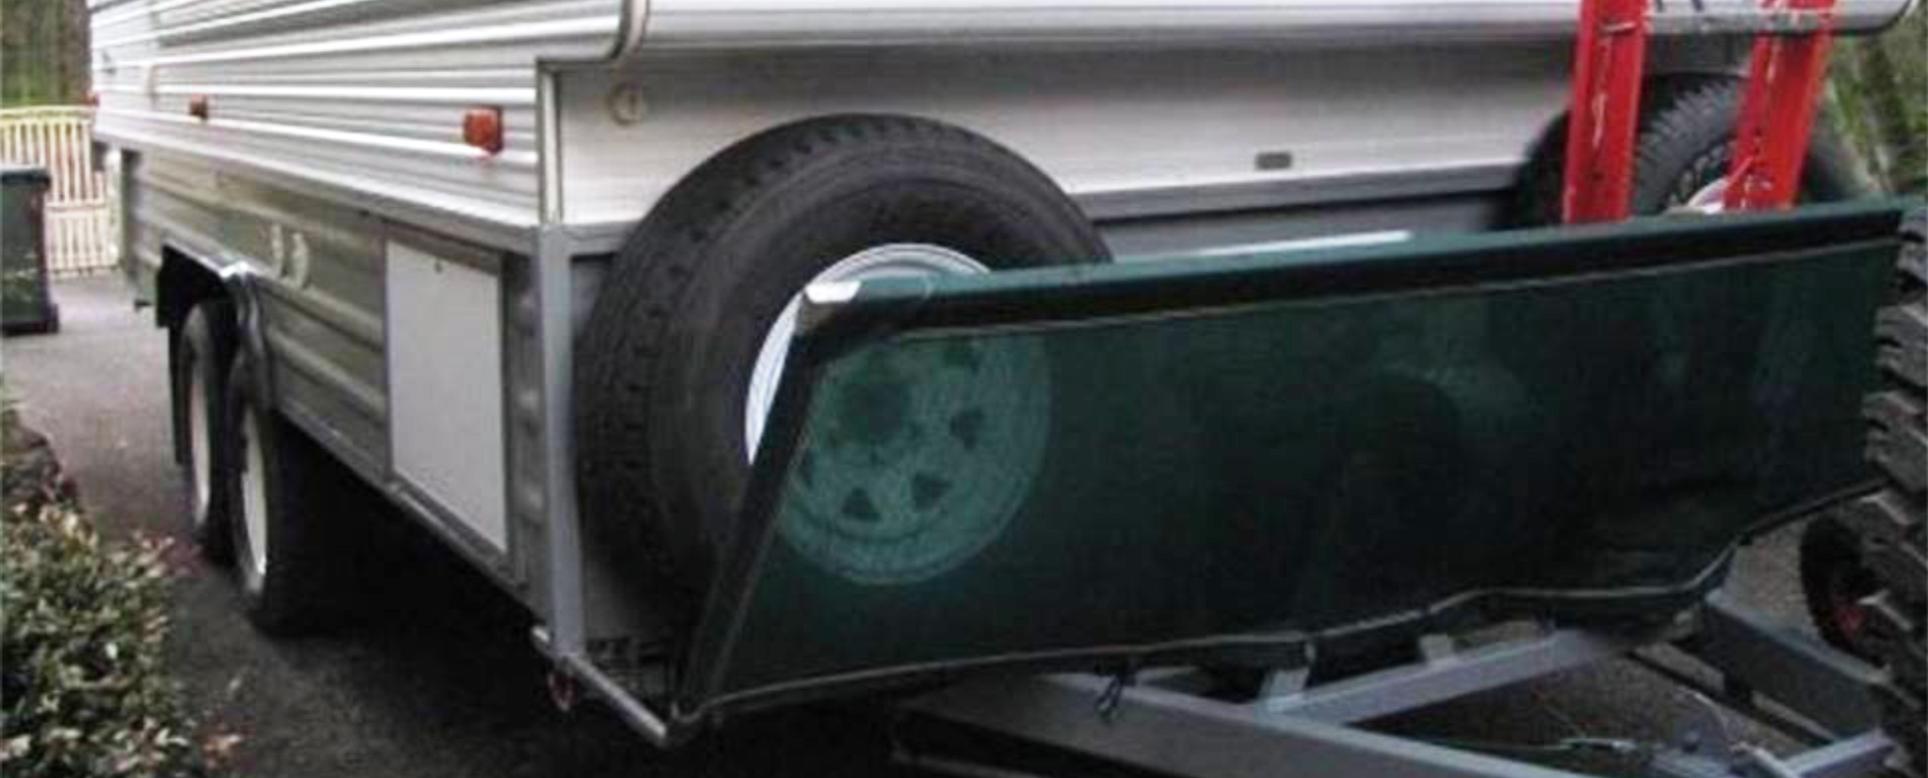 repair caravan